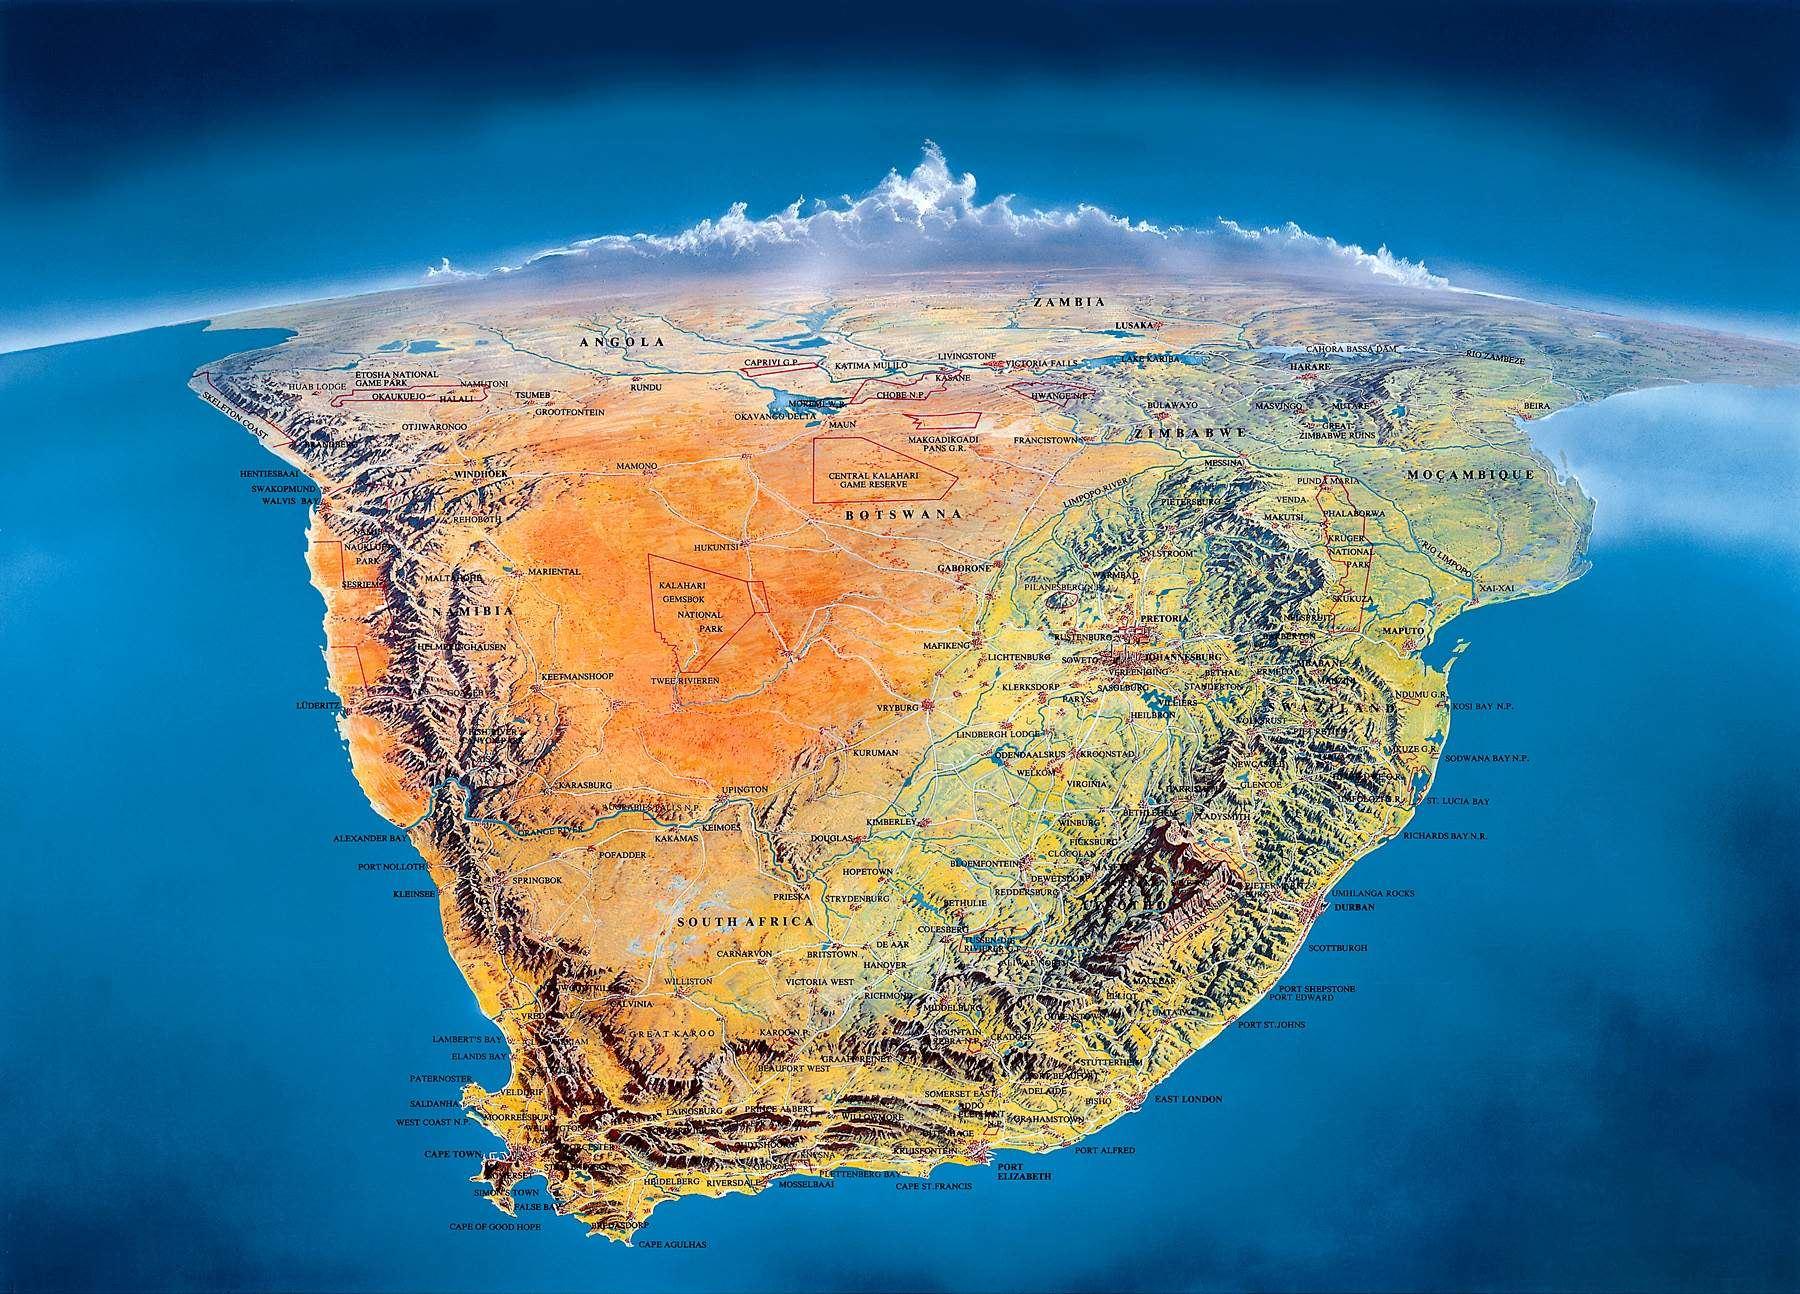 Extrêmement Préparer son voyage en Afrique du Sud | Blog voyage Afrique du Sud MR32